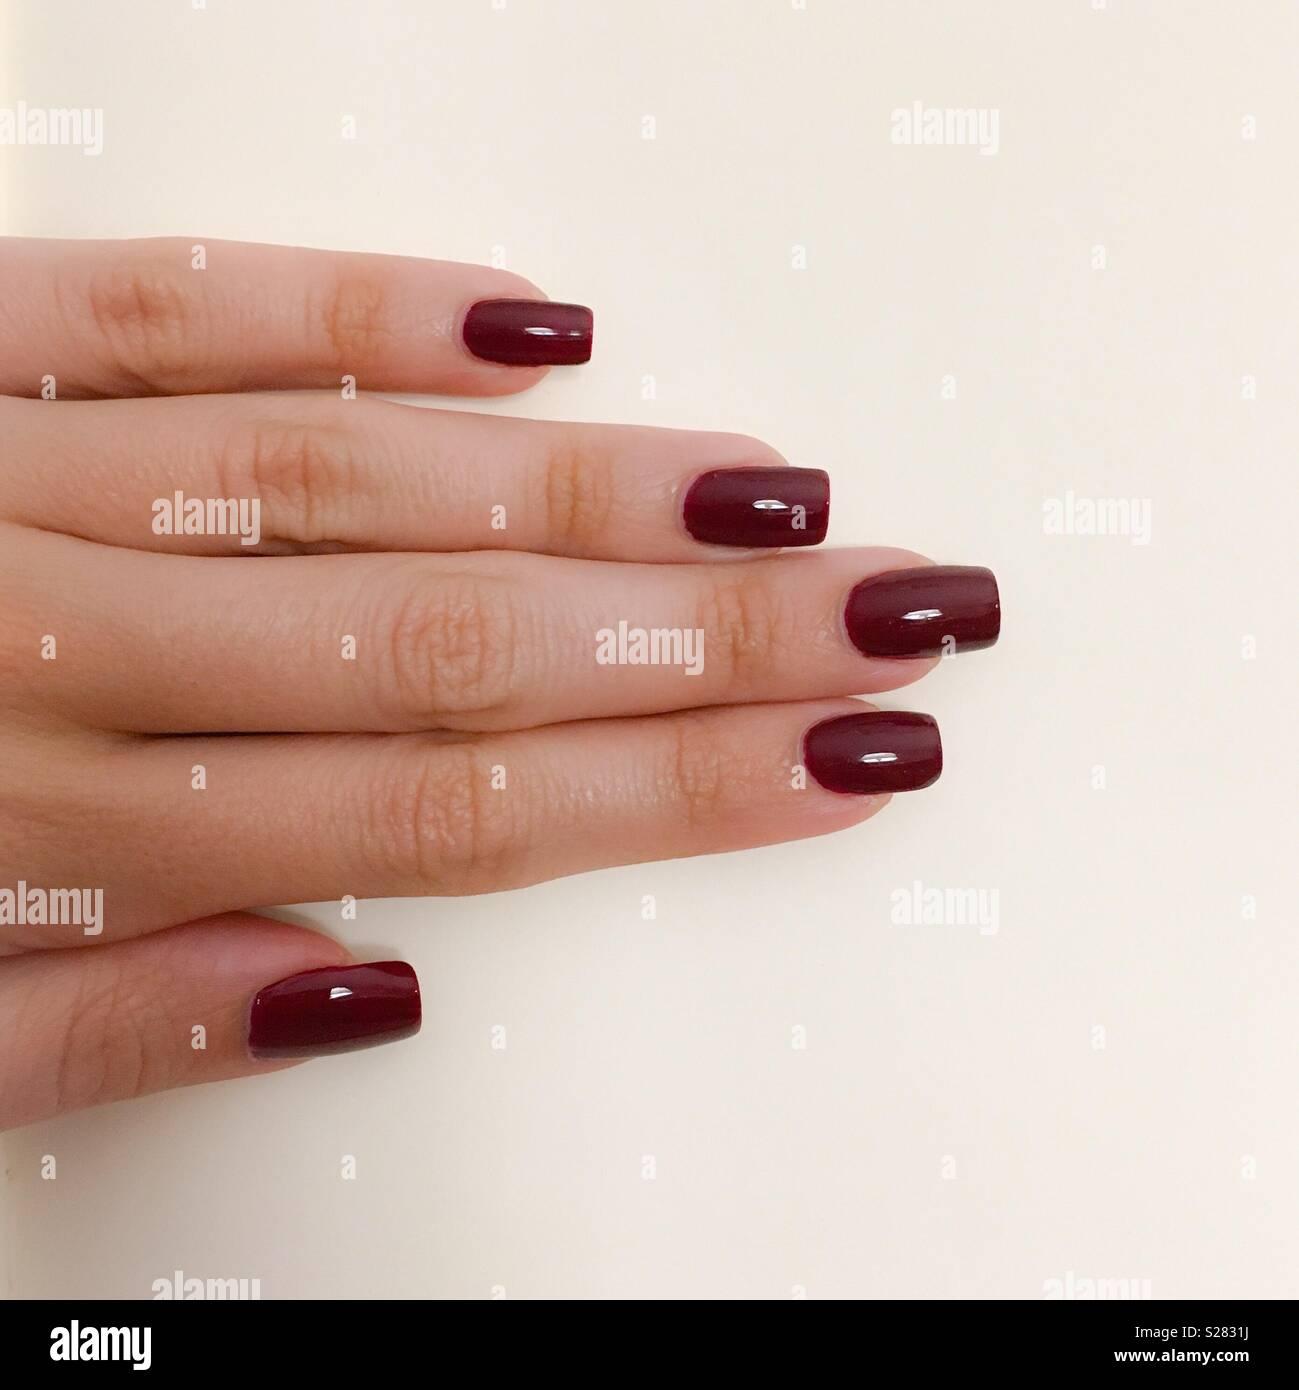 Weibliche Hand Mit Naturlichen Nagel In Rot Auf Einen Klaren